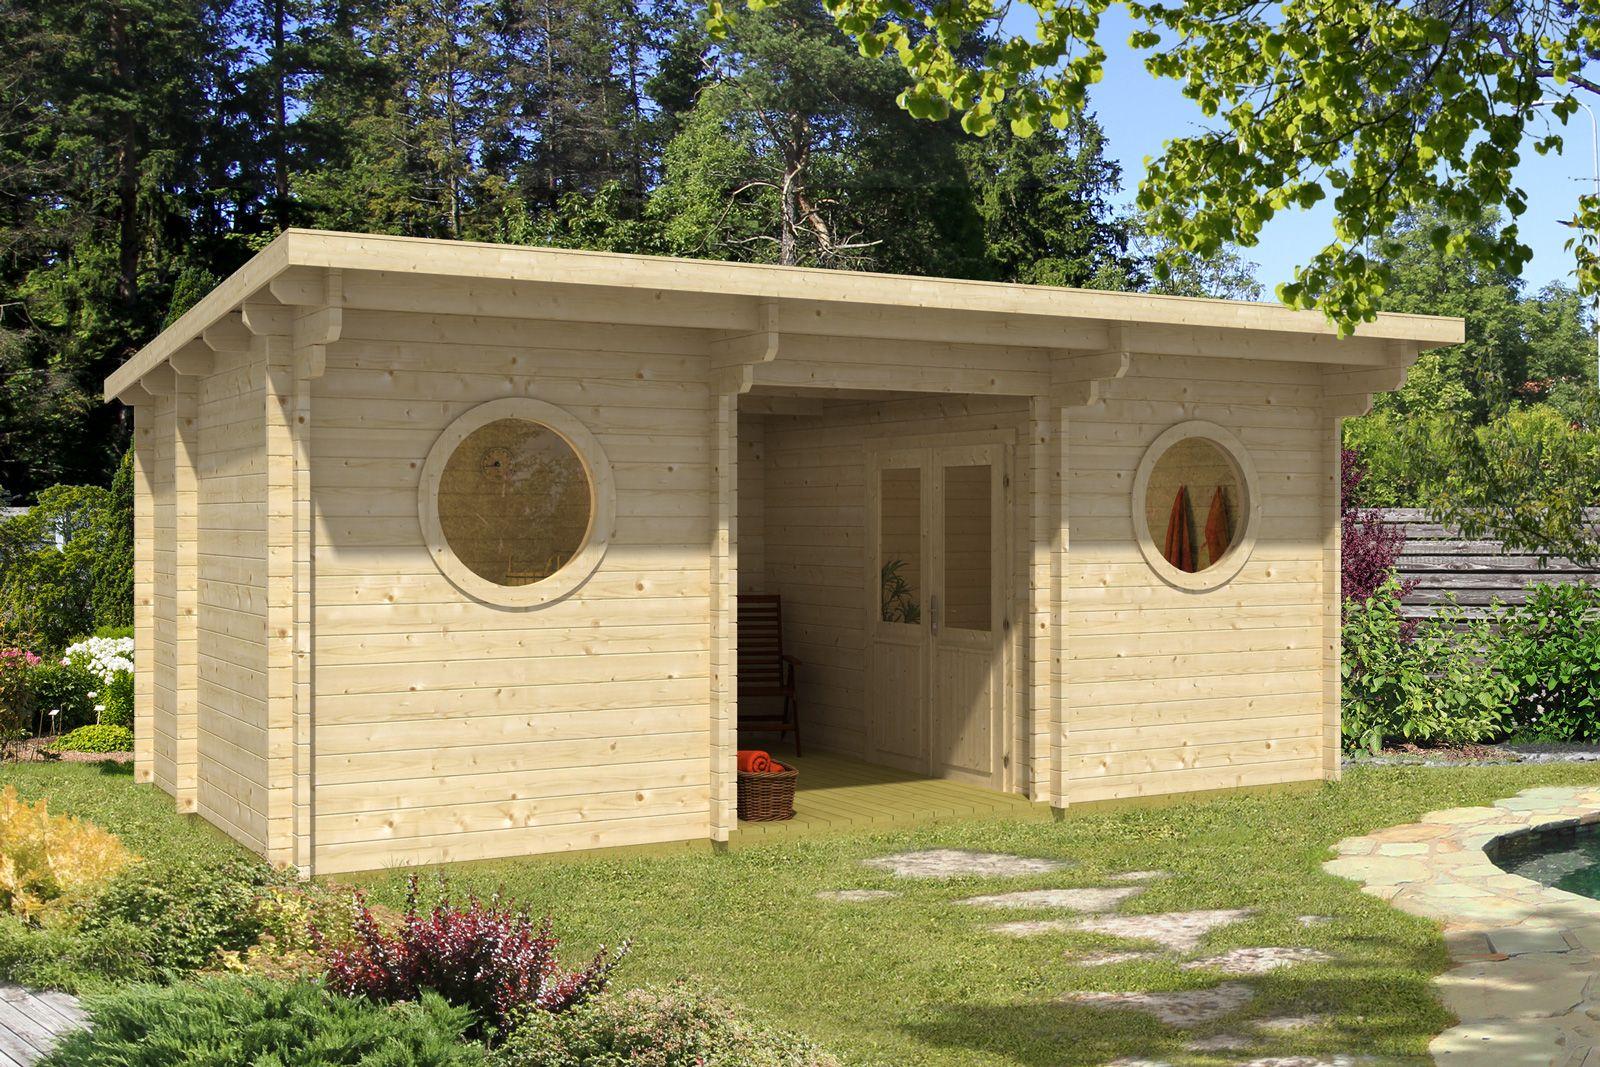 Die GartenHaus GmbH ist Ihr günstiger Onlineshop für Haus und